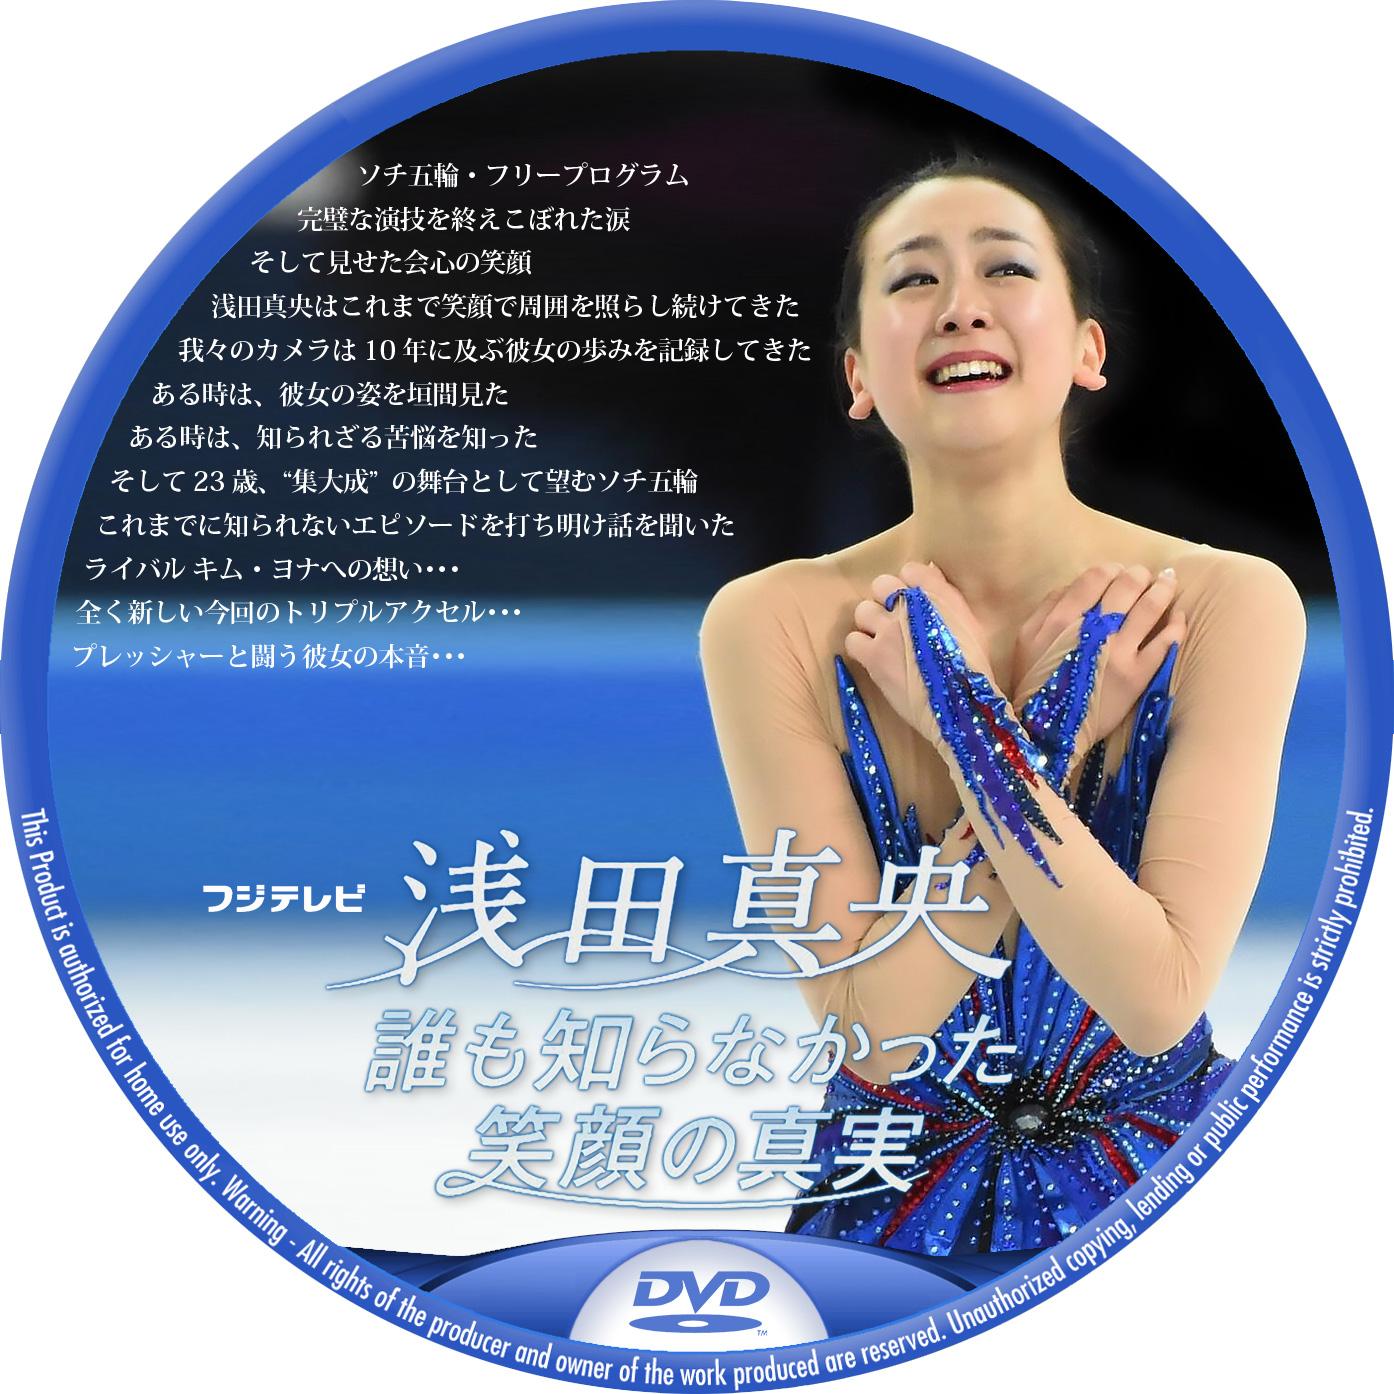 浅田真央 笑顔の真実 DVDラベル